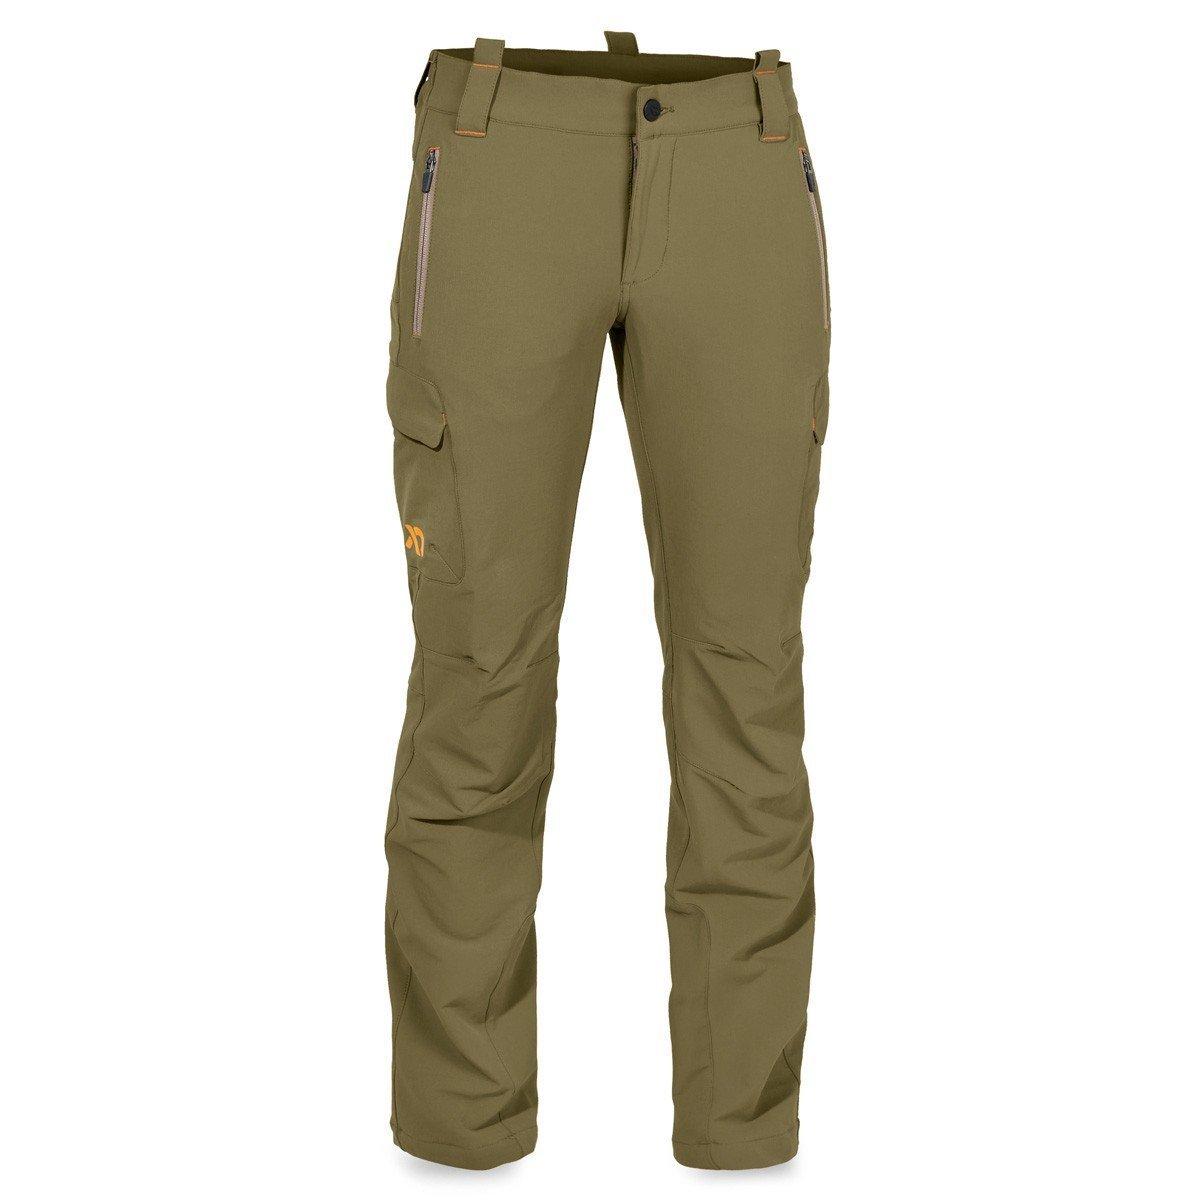 Primera Lite - alturas de coníferas pantalones (wbaltcn), Conifer: Amazon.es: Deportes y aire libre